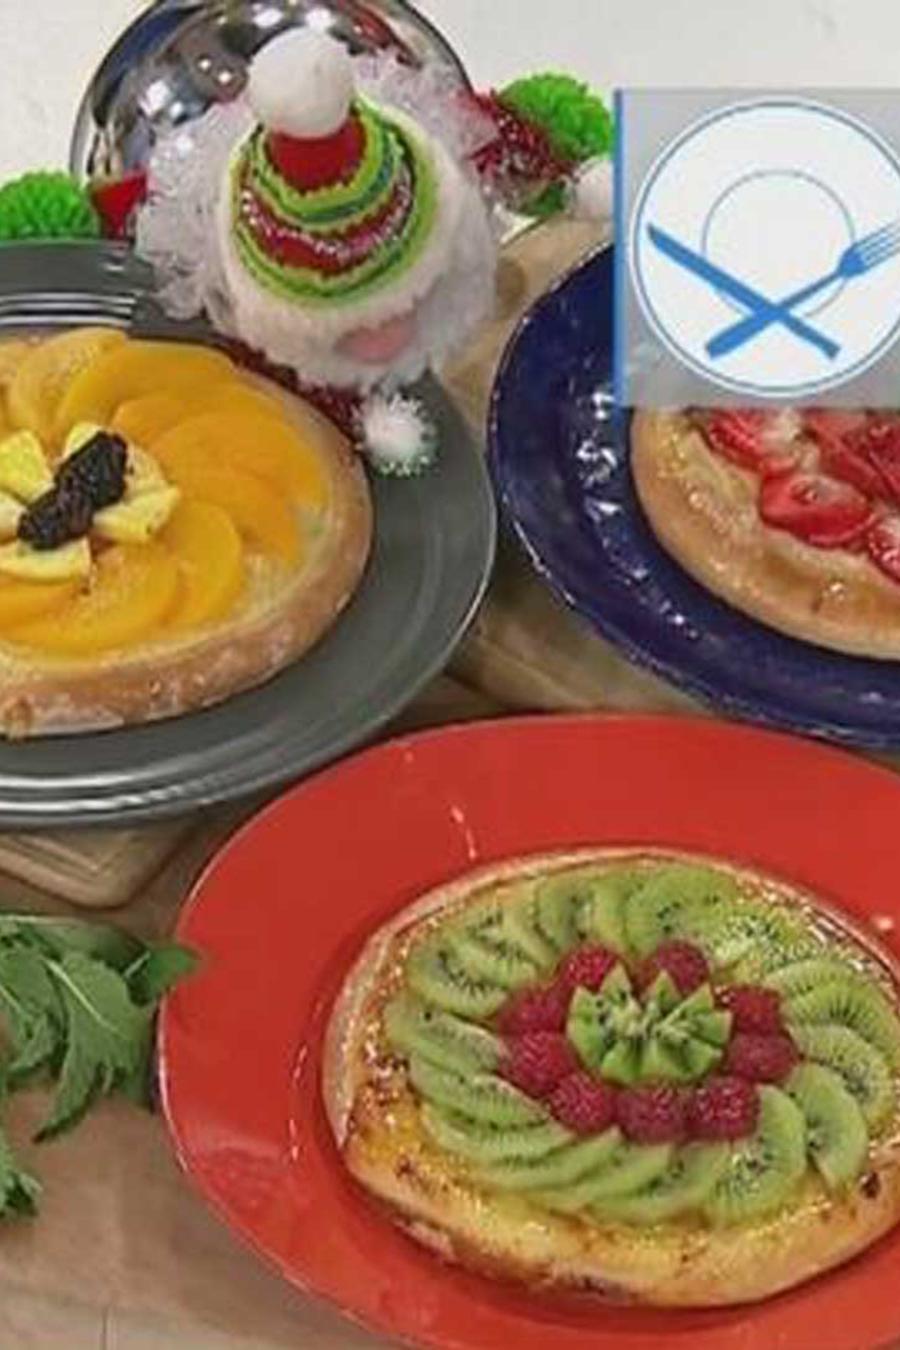 receta de cocina: aprende a cocinar un postre de pizza con queso y fresas